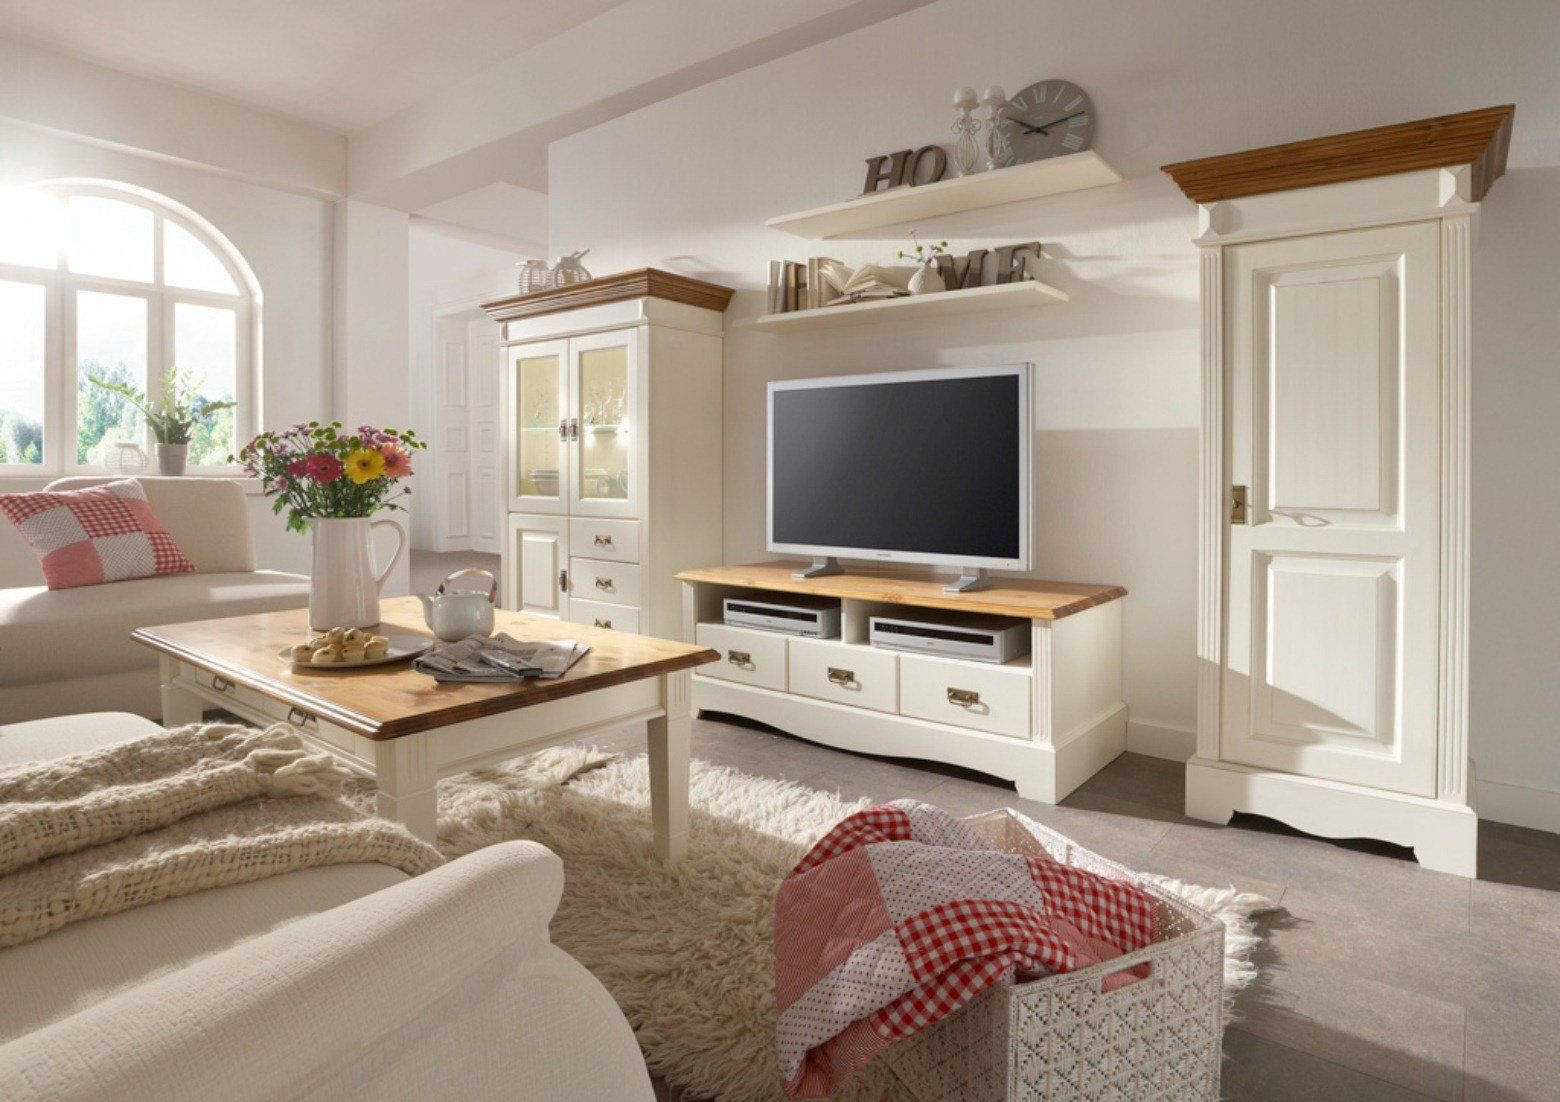 Möbel im Landhausstil  Ideen.Top  Landhaus möbel, Landhausstil